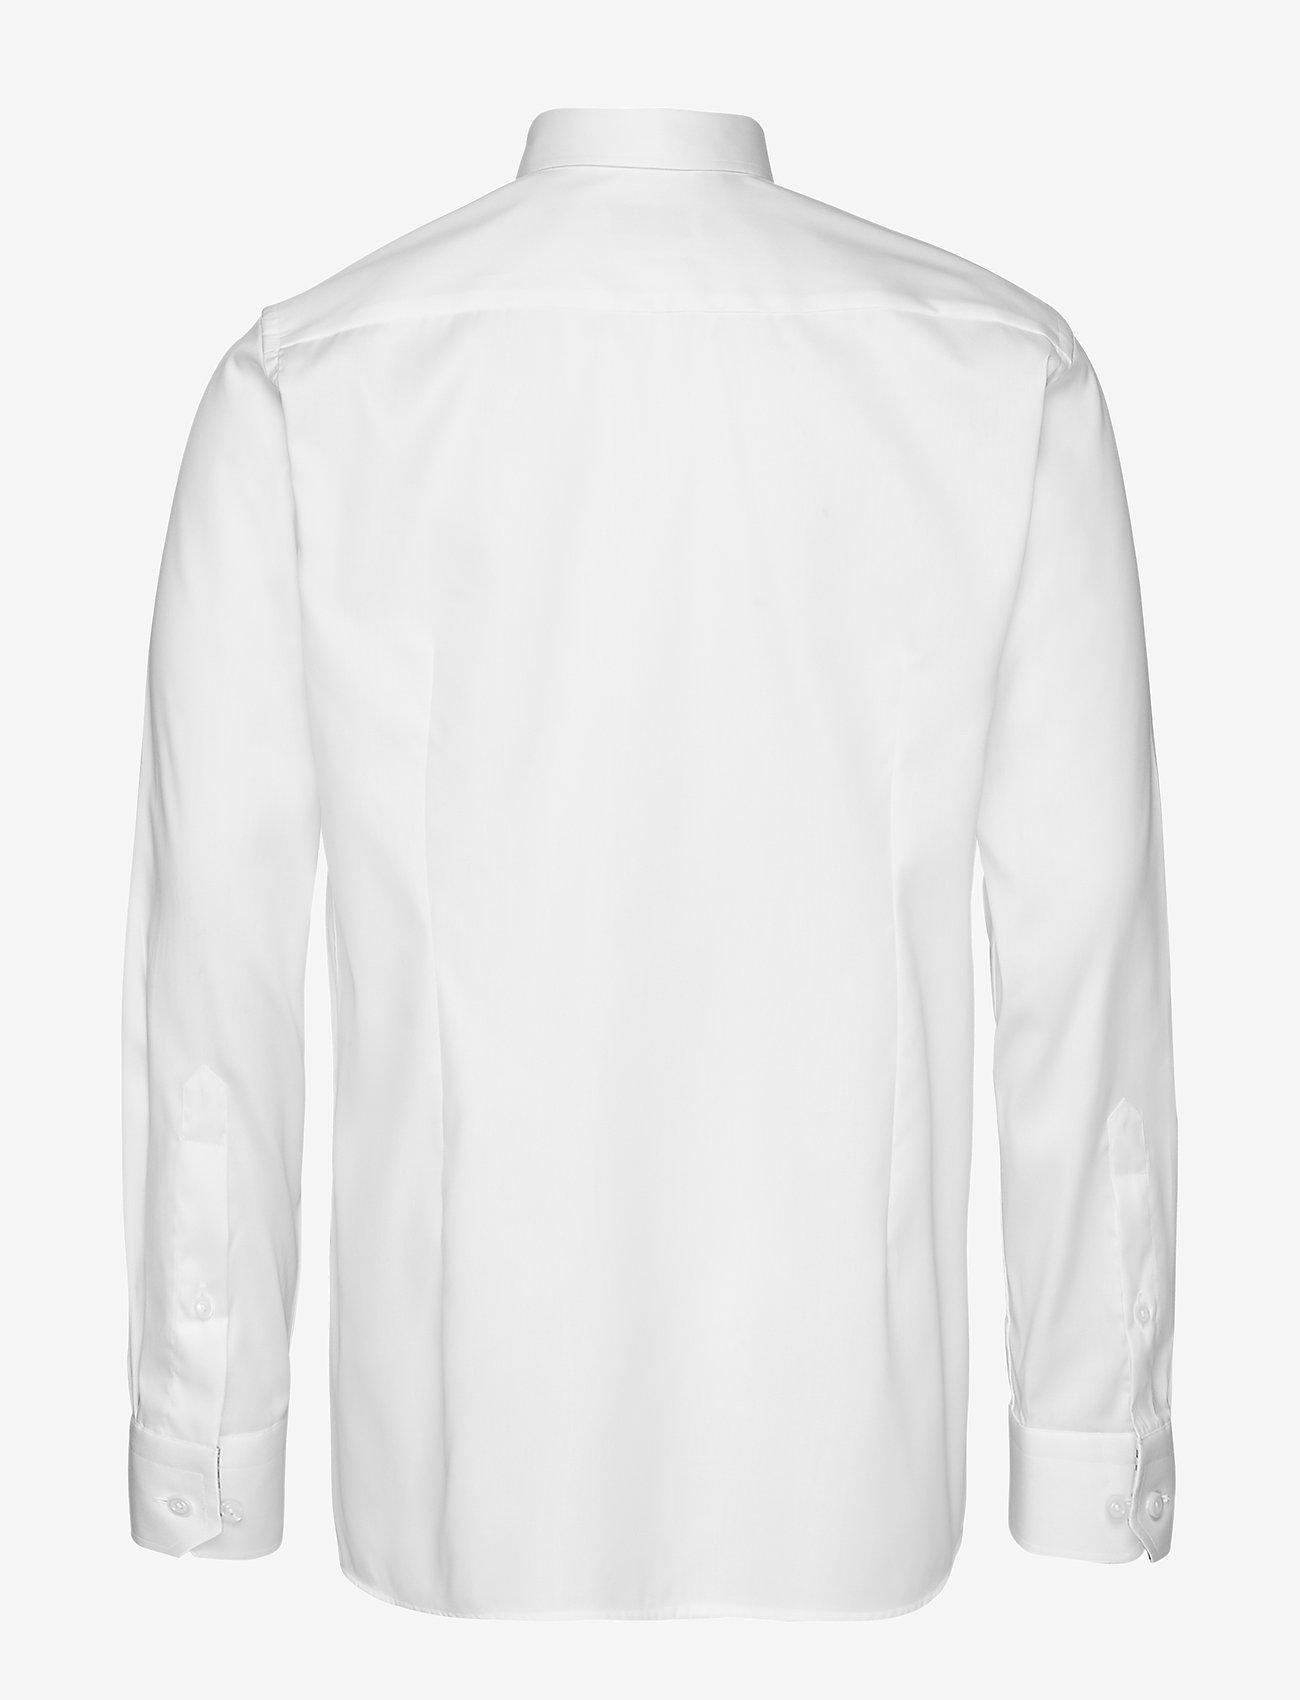 White – Papyrus - Contemporary Fit (White) (979.30 kr) - Eton